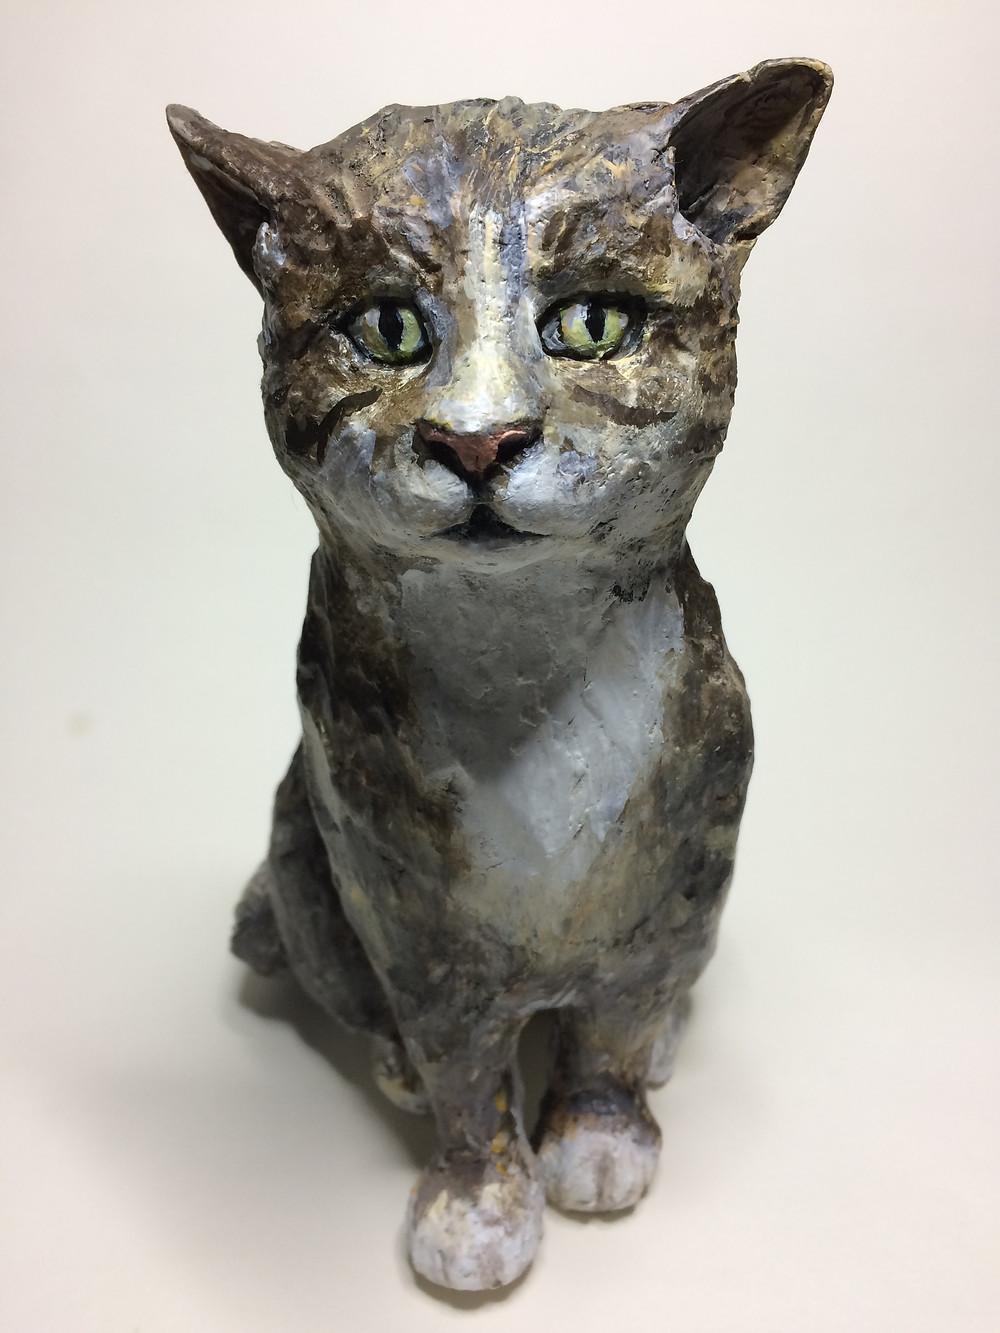 Cat Sculpture Portraits